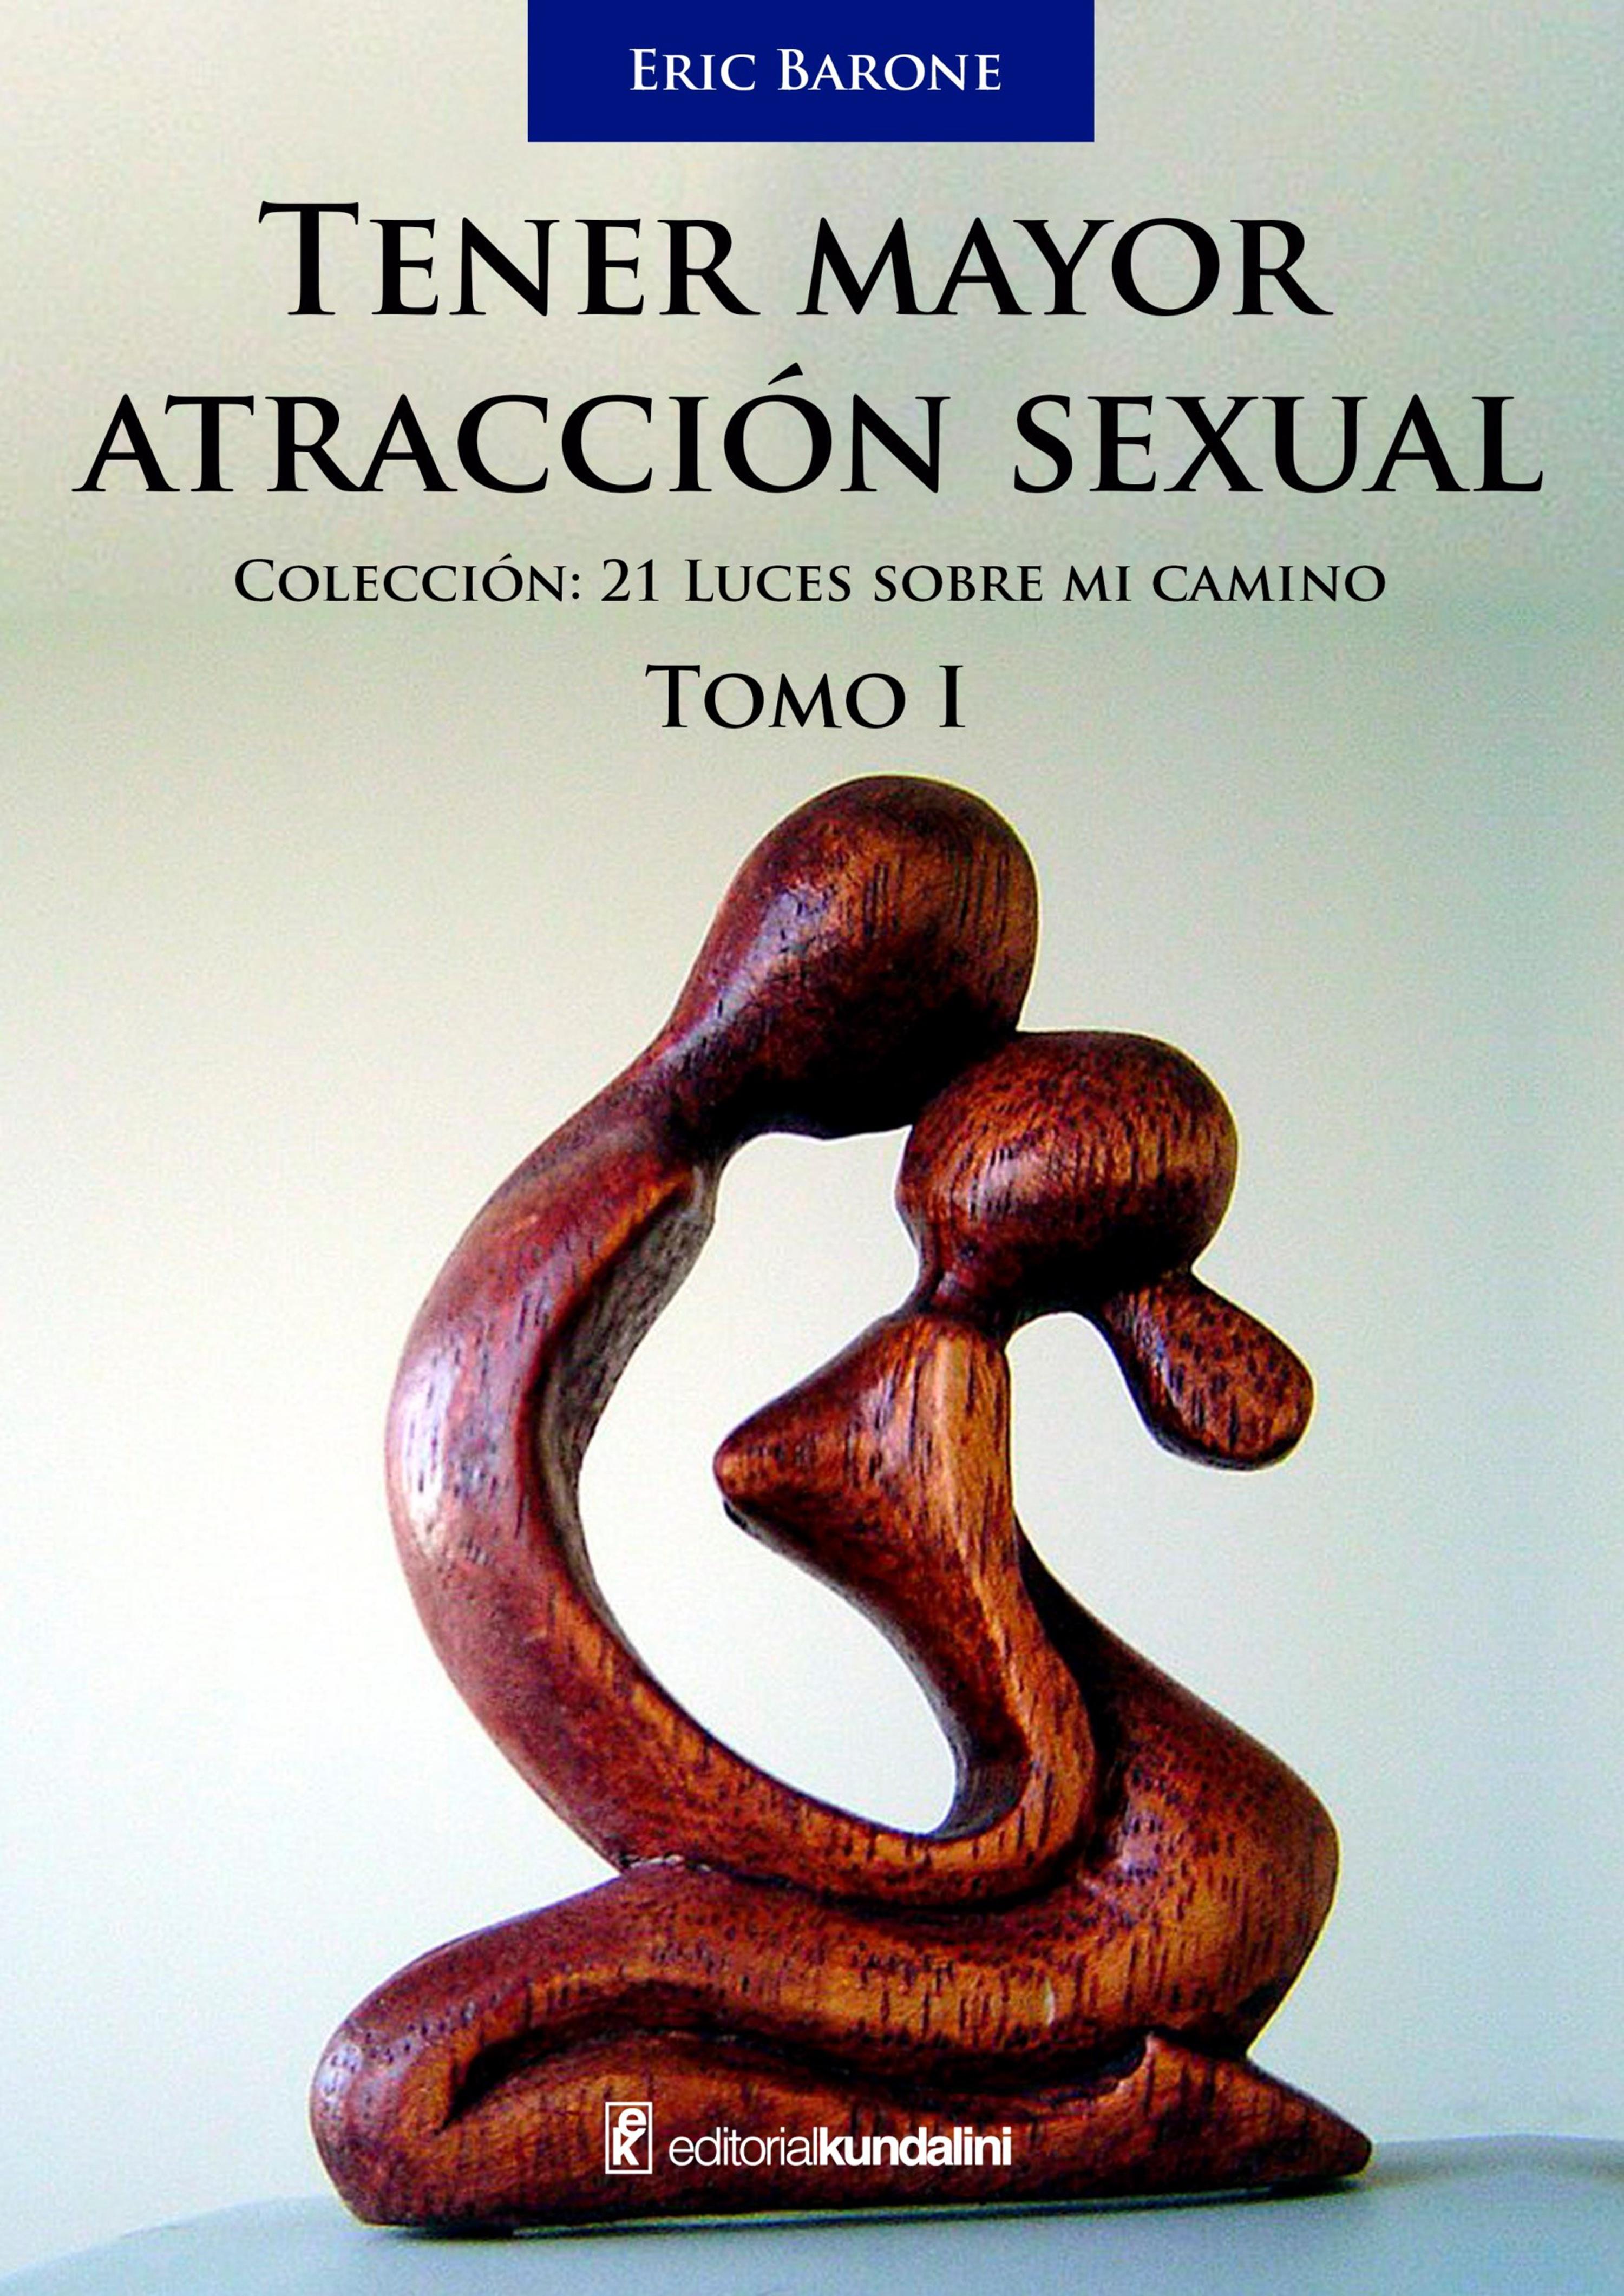 Eric Barone Tener mayor atracción sexual - Tomo 1